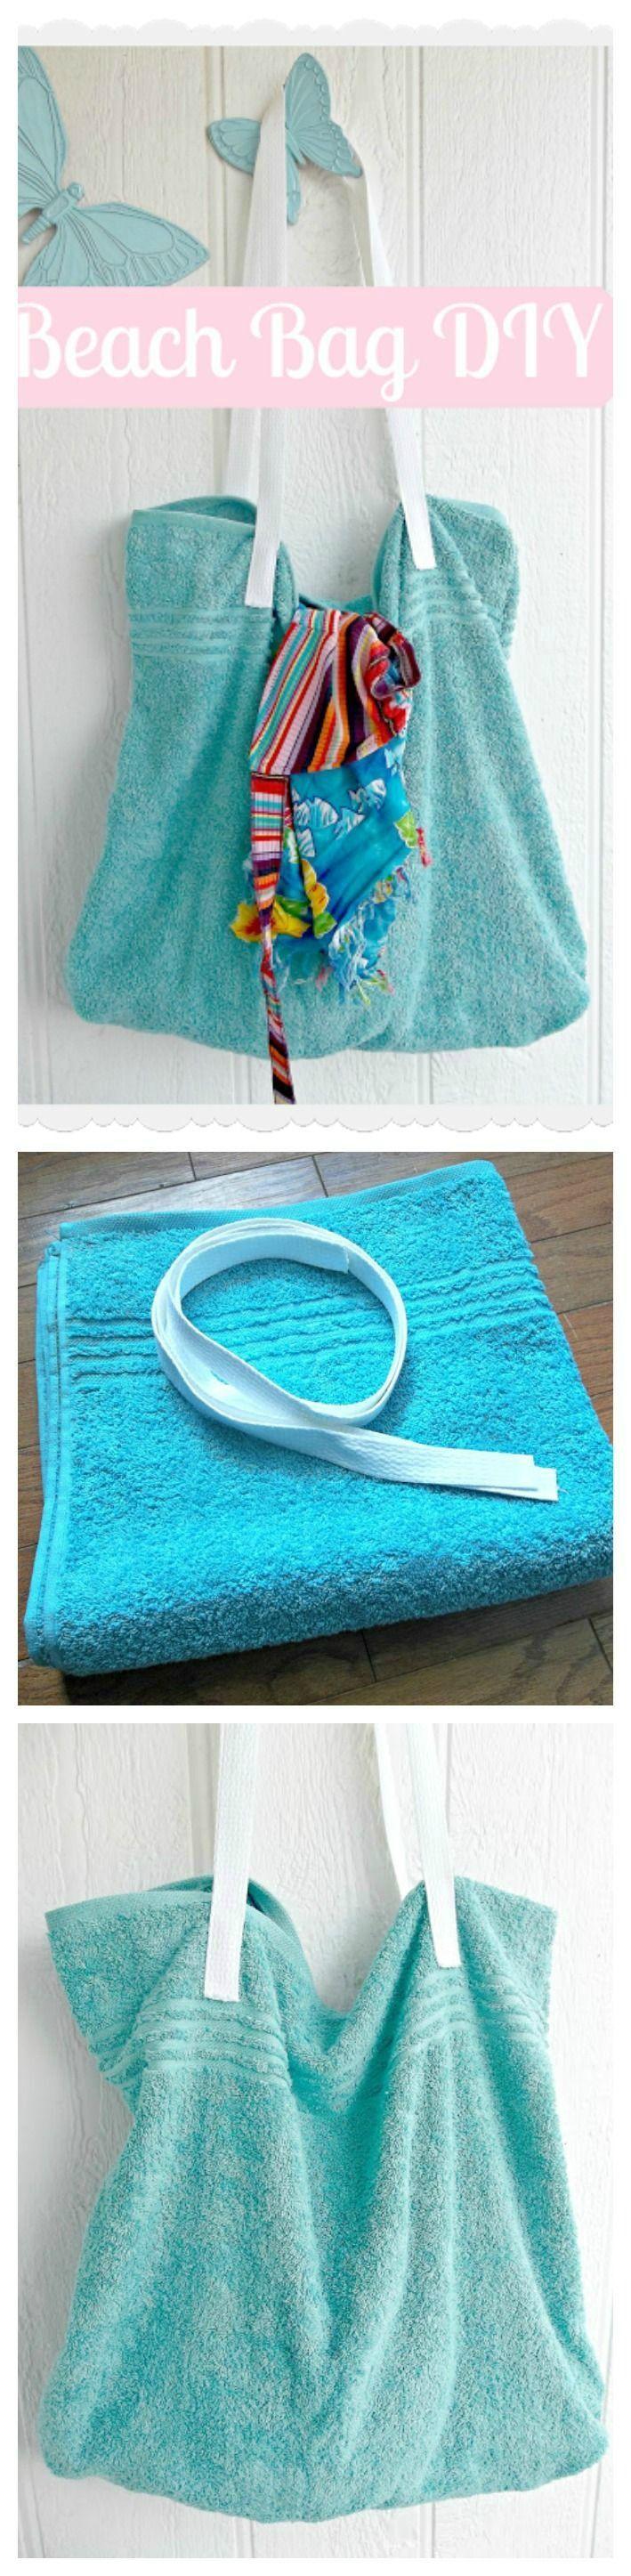 A simple Beach Bag DIY from a BATH TOWEL!